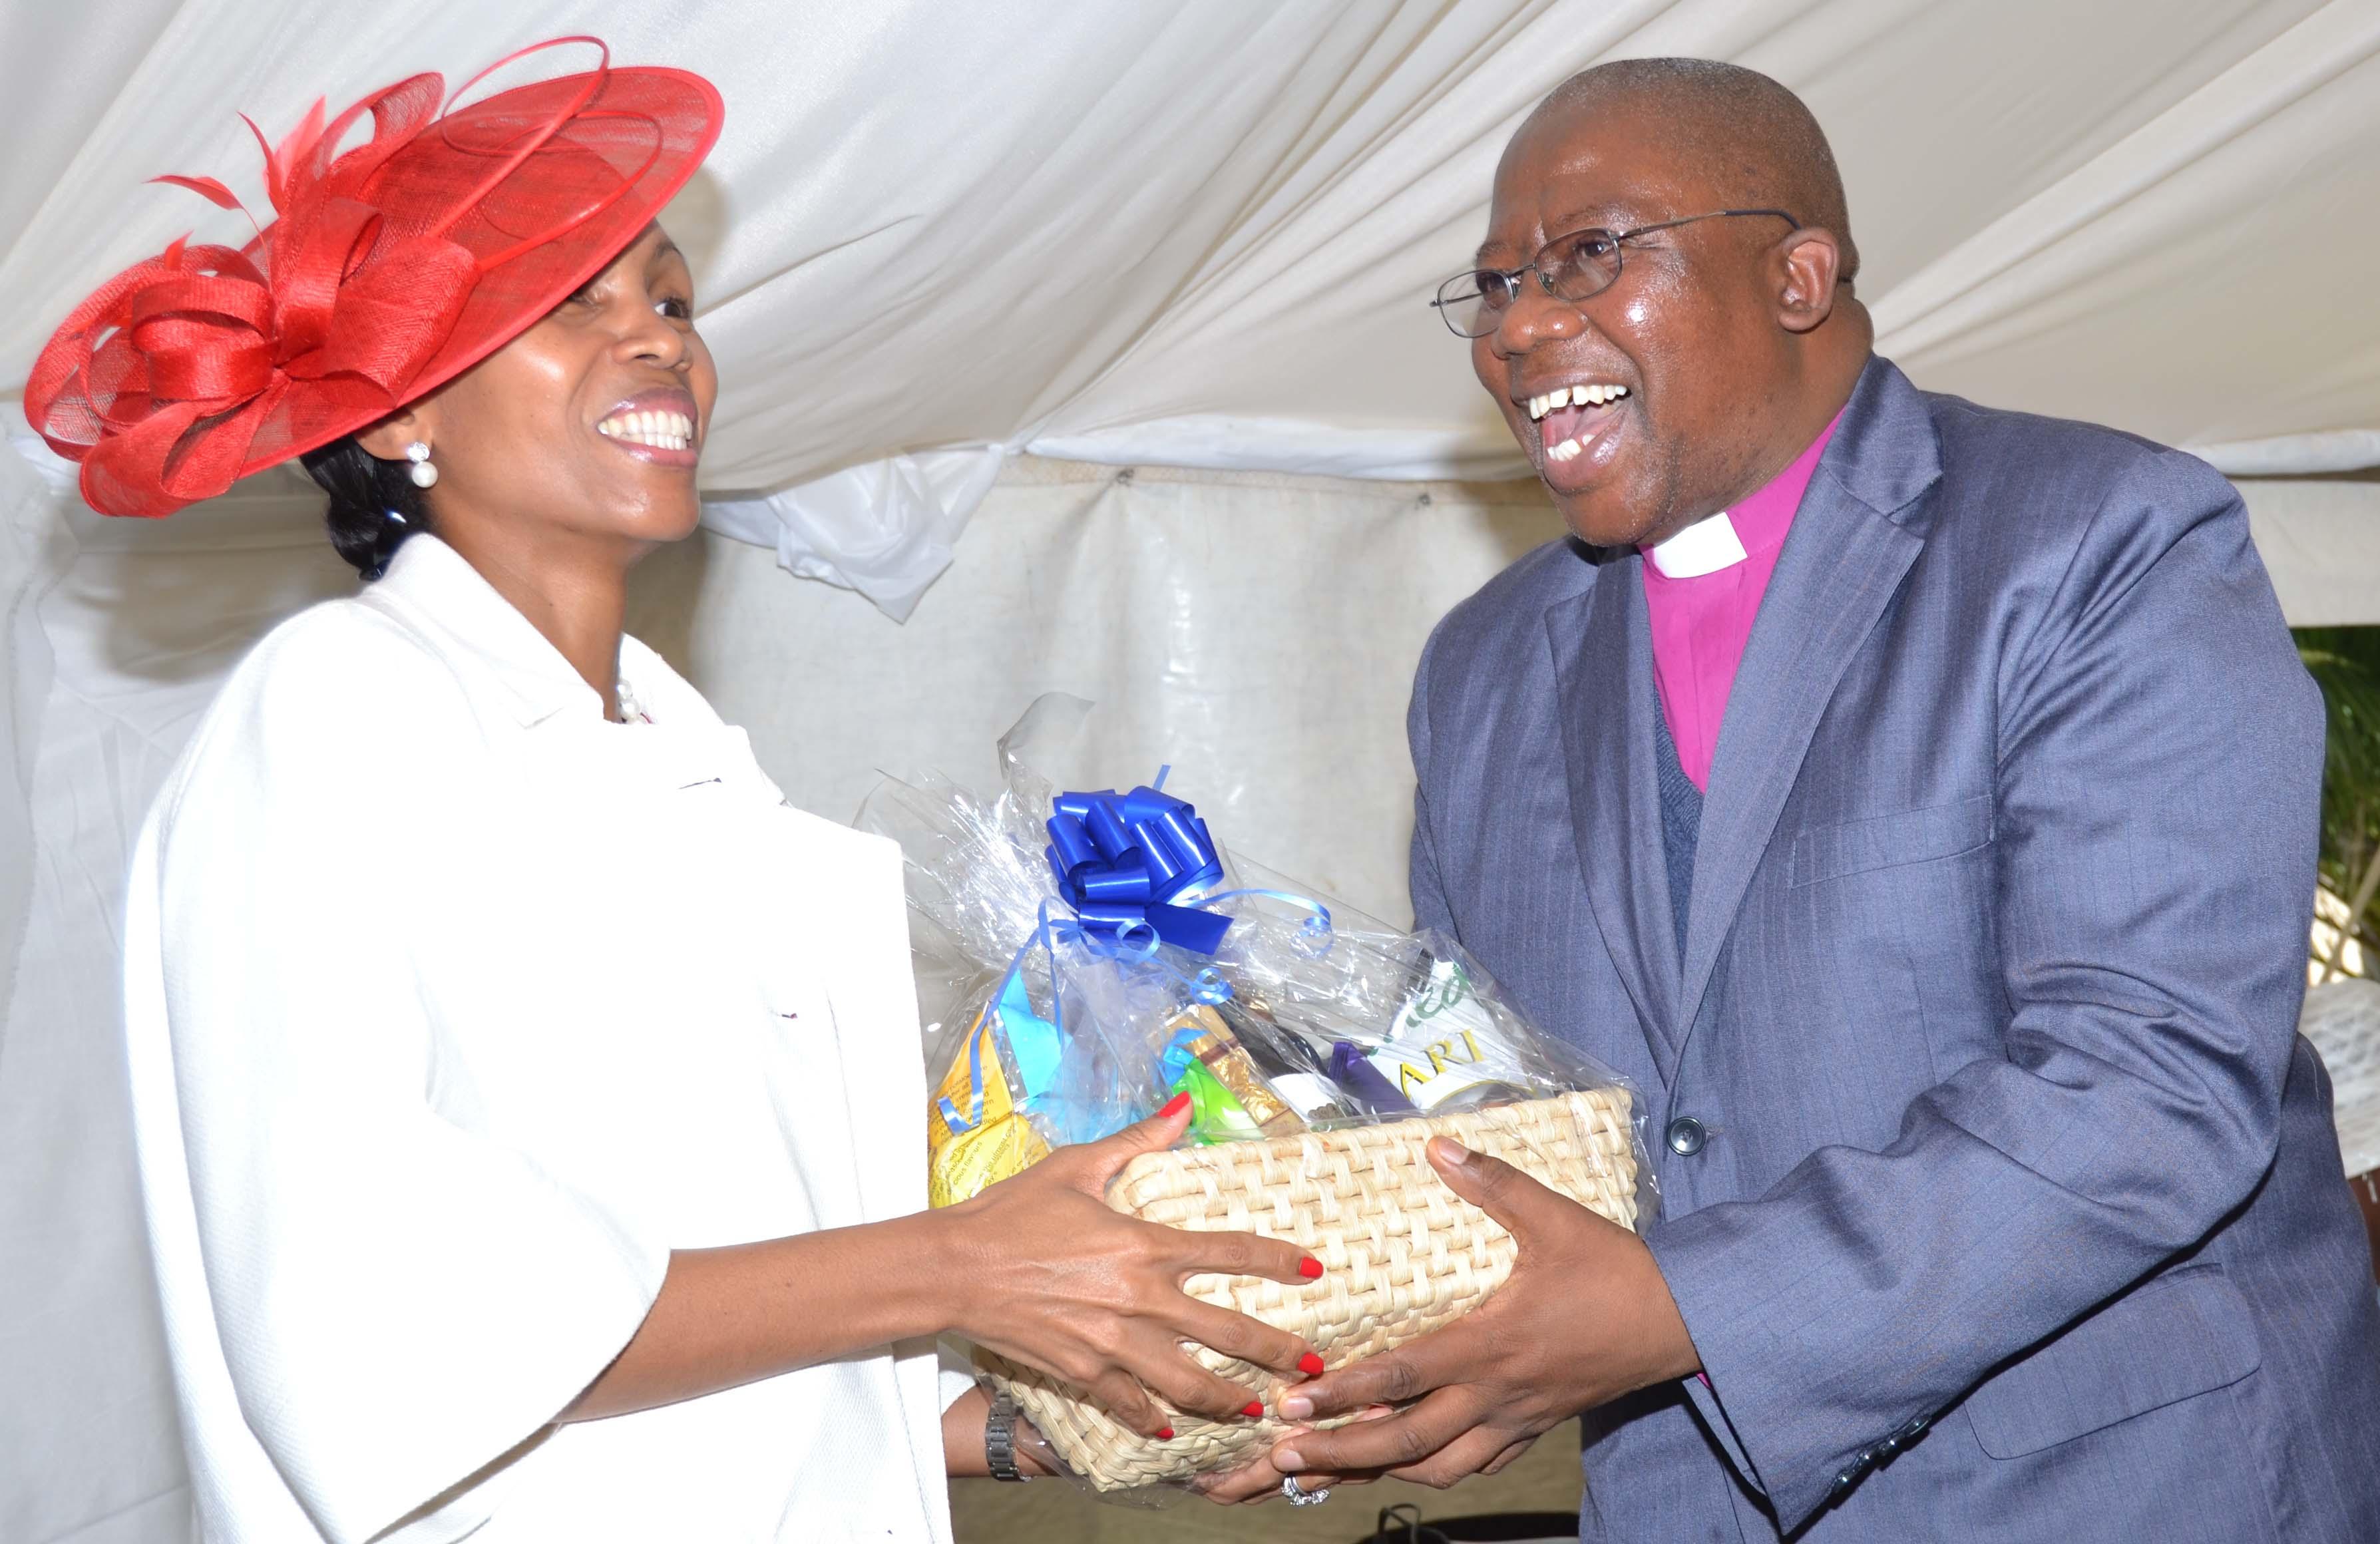 Lesotho seeiso princess mabereng of Princess Mabereng